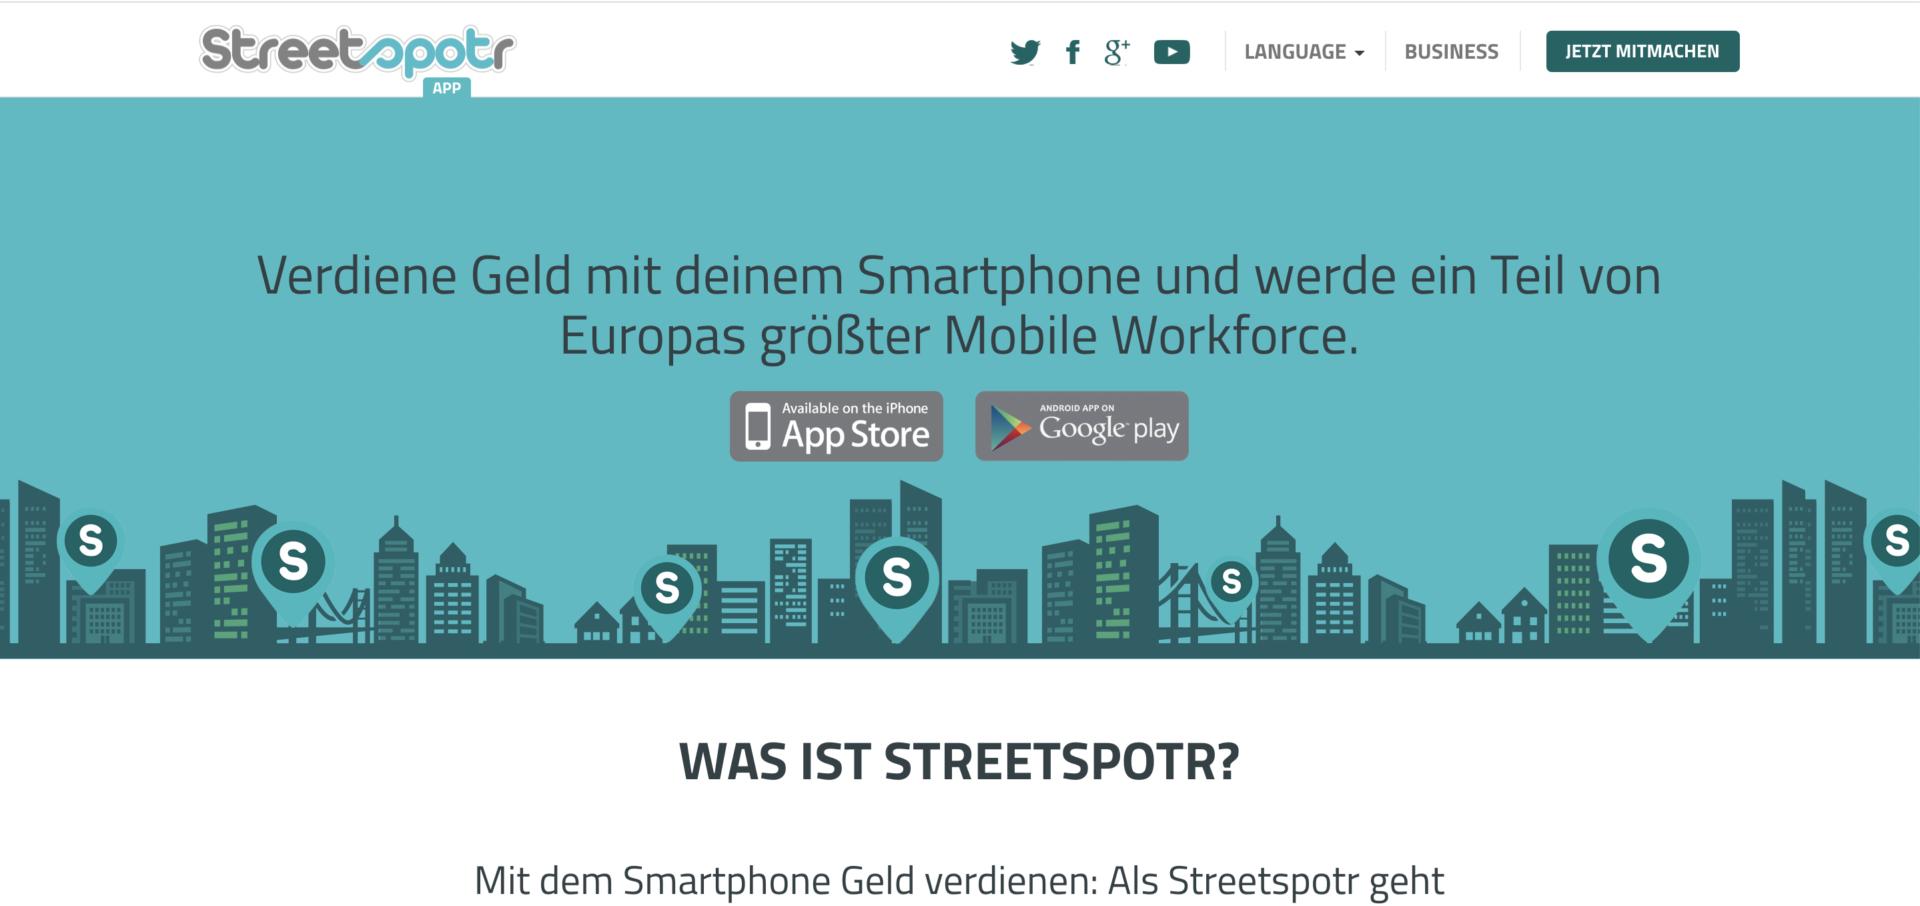 Durch Streetspotr mit dem Smartphone Geld verdienen - entweder als Heimarbeit oder für unterwegs